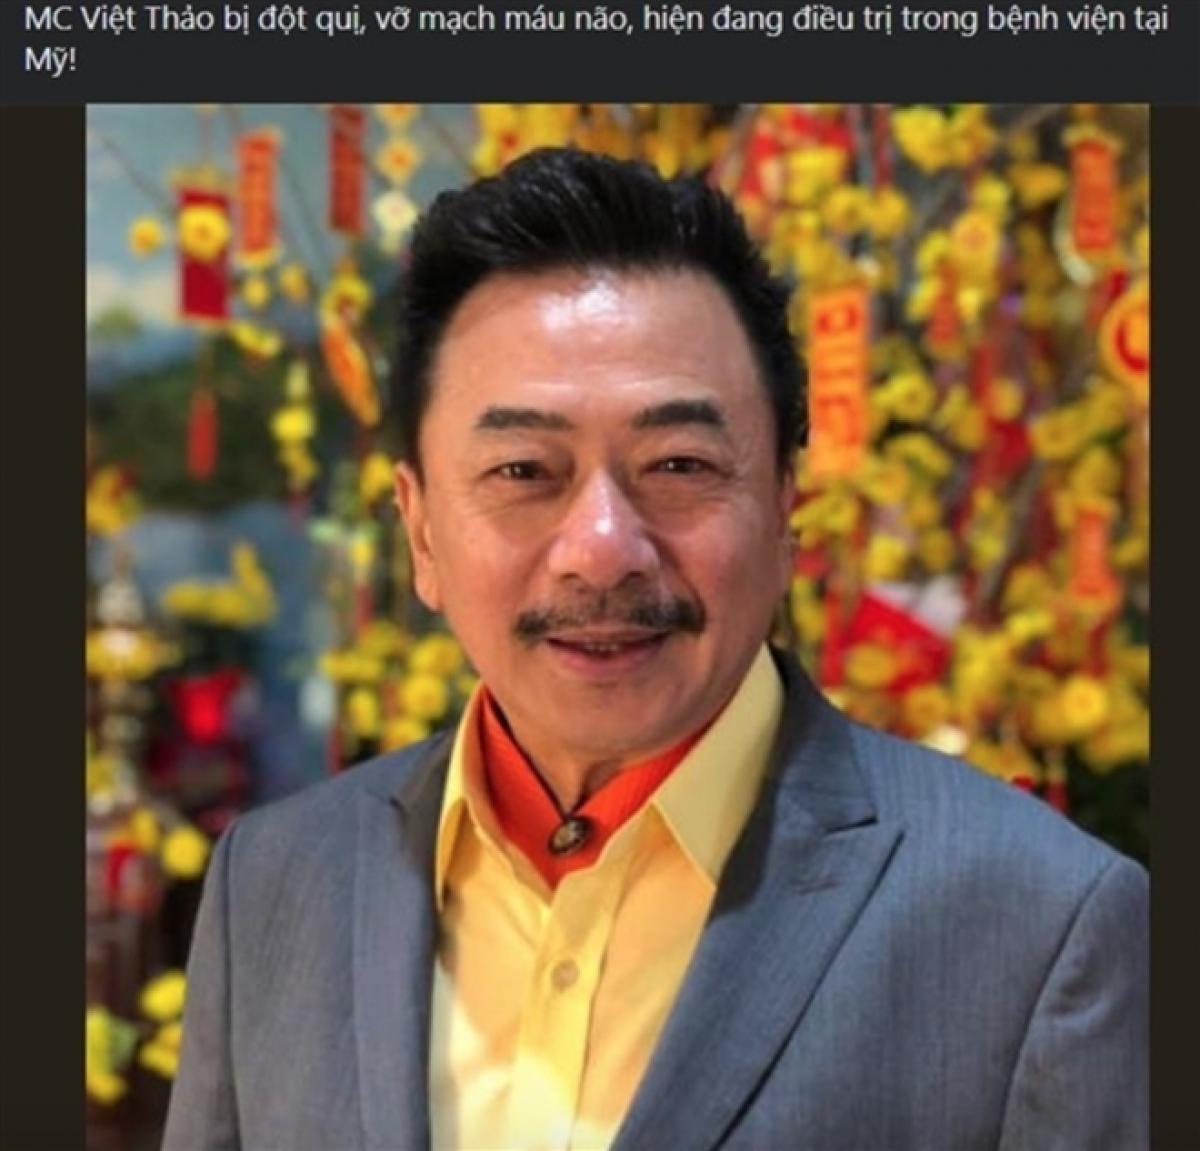 MC Việt Thảo trở thành nạn nhân của trò đùa ác ý gây phẫn nộ.